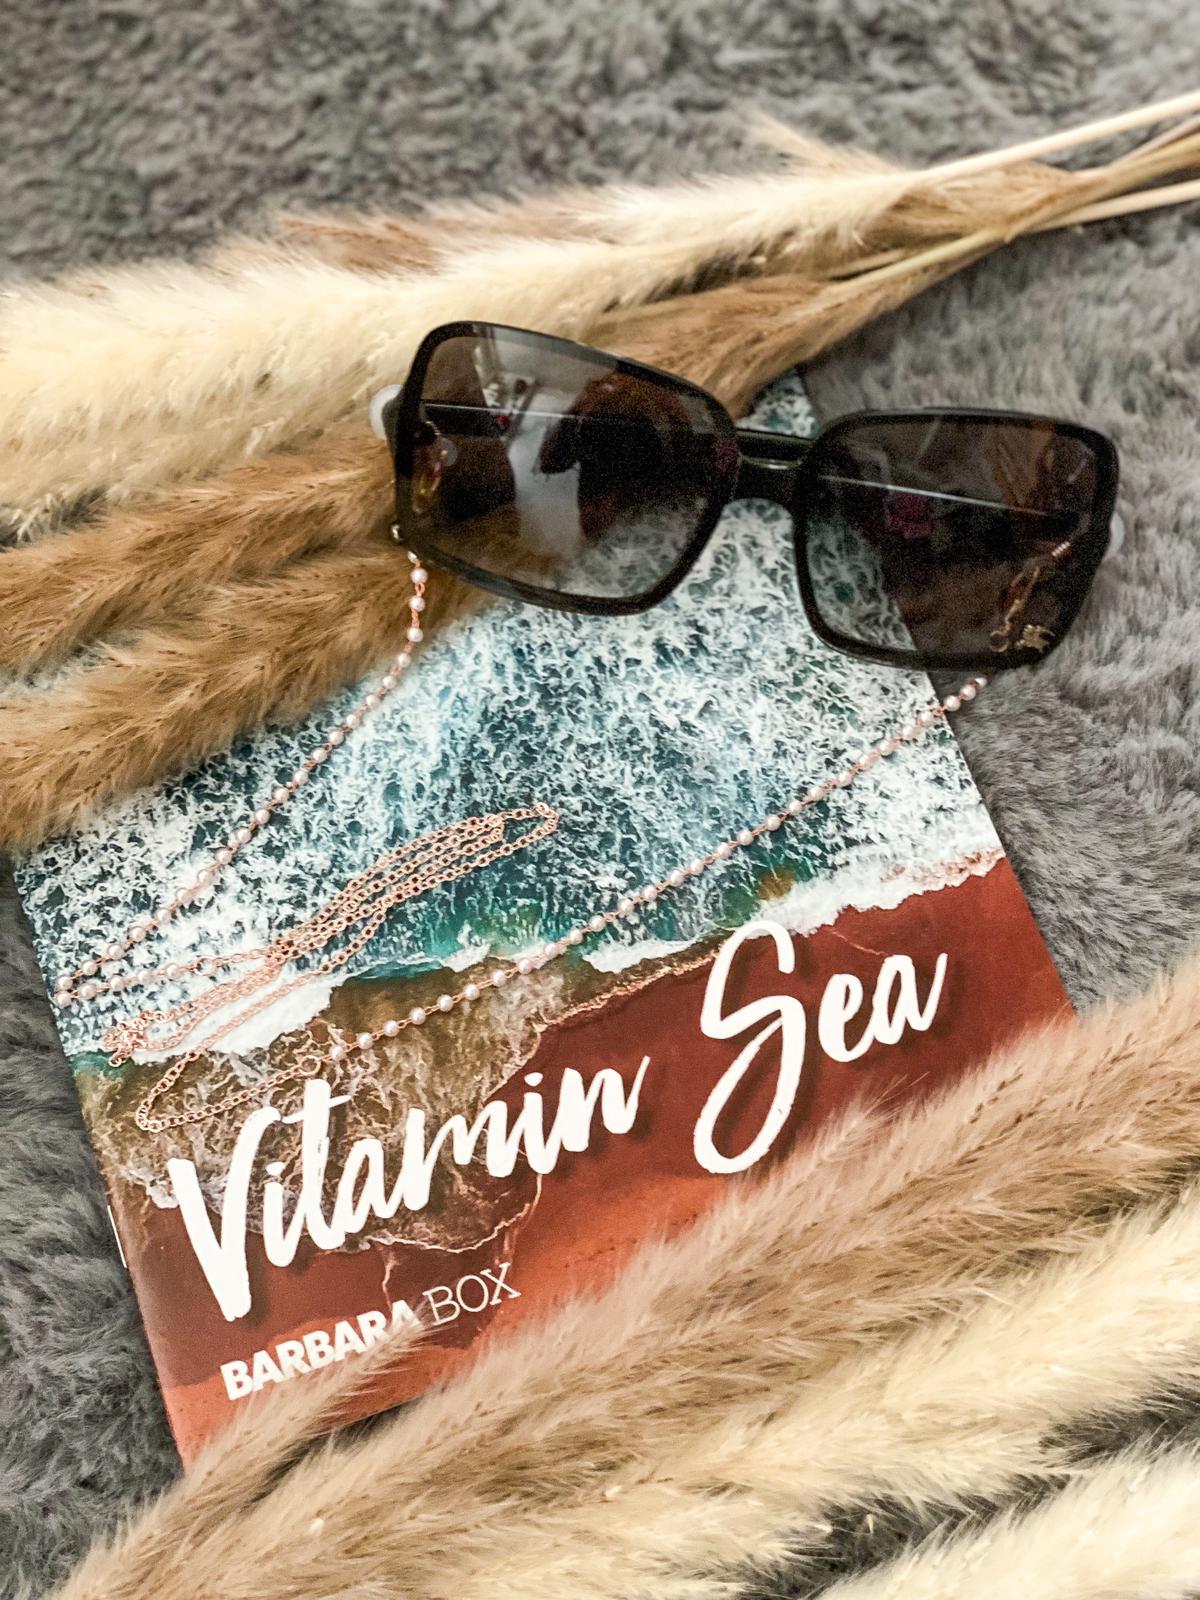 Brillenkette Barbara Box Vitamin Sea Edition